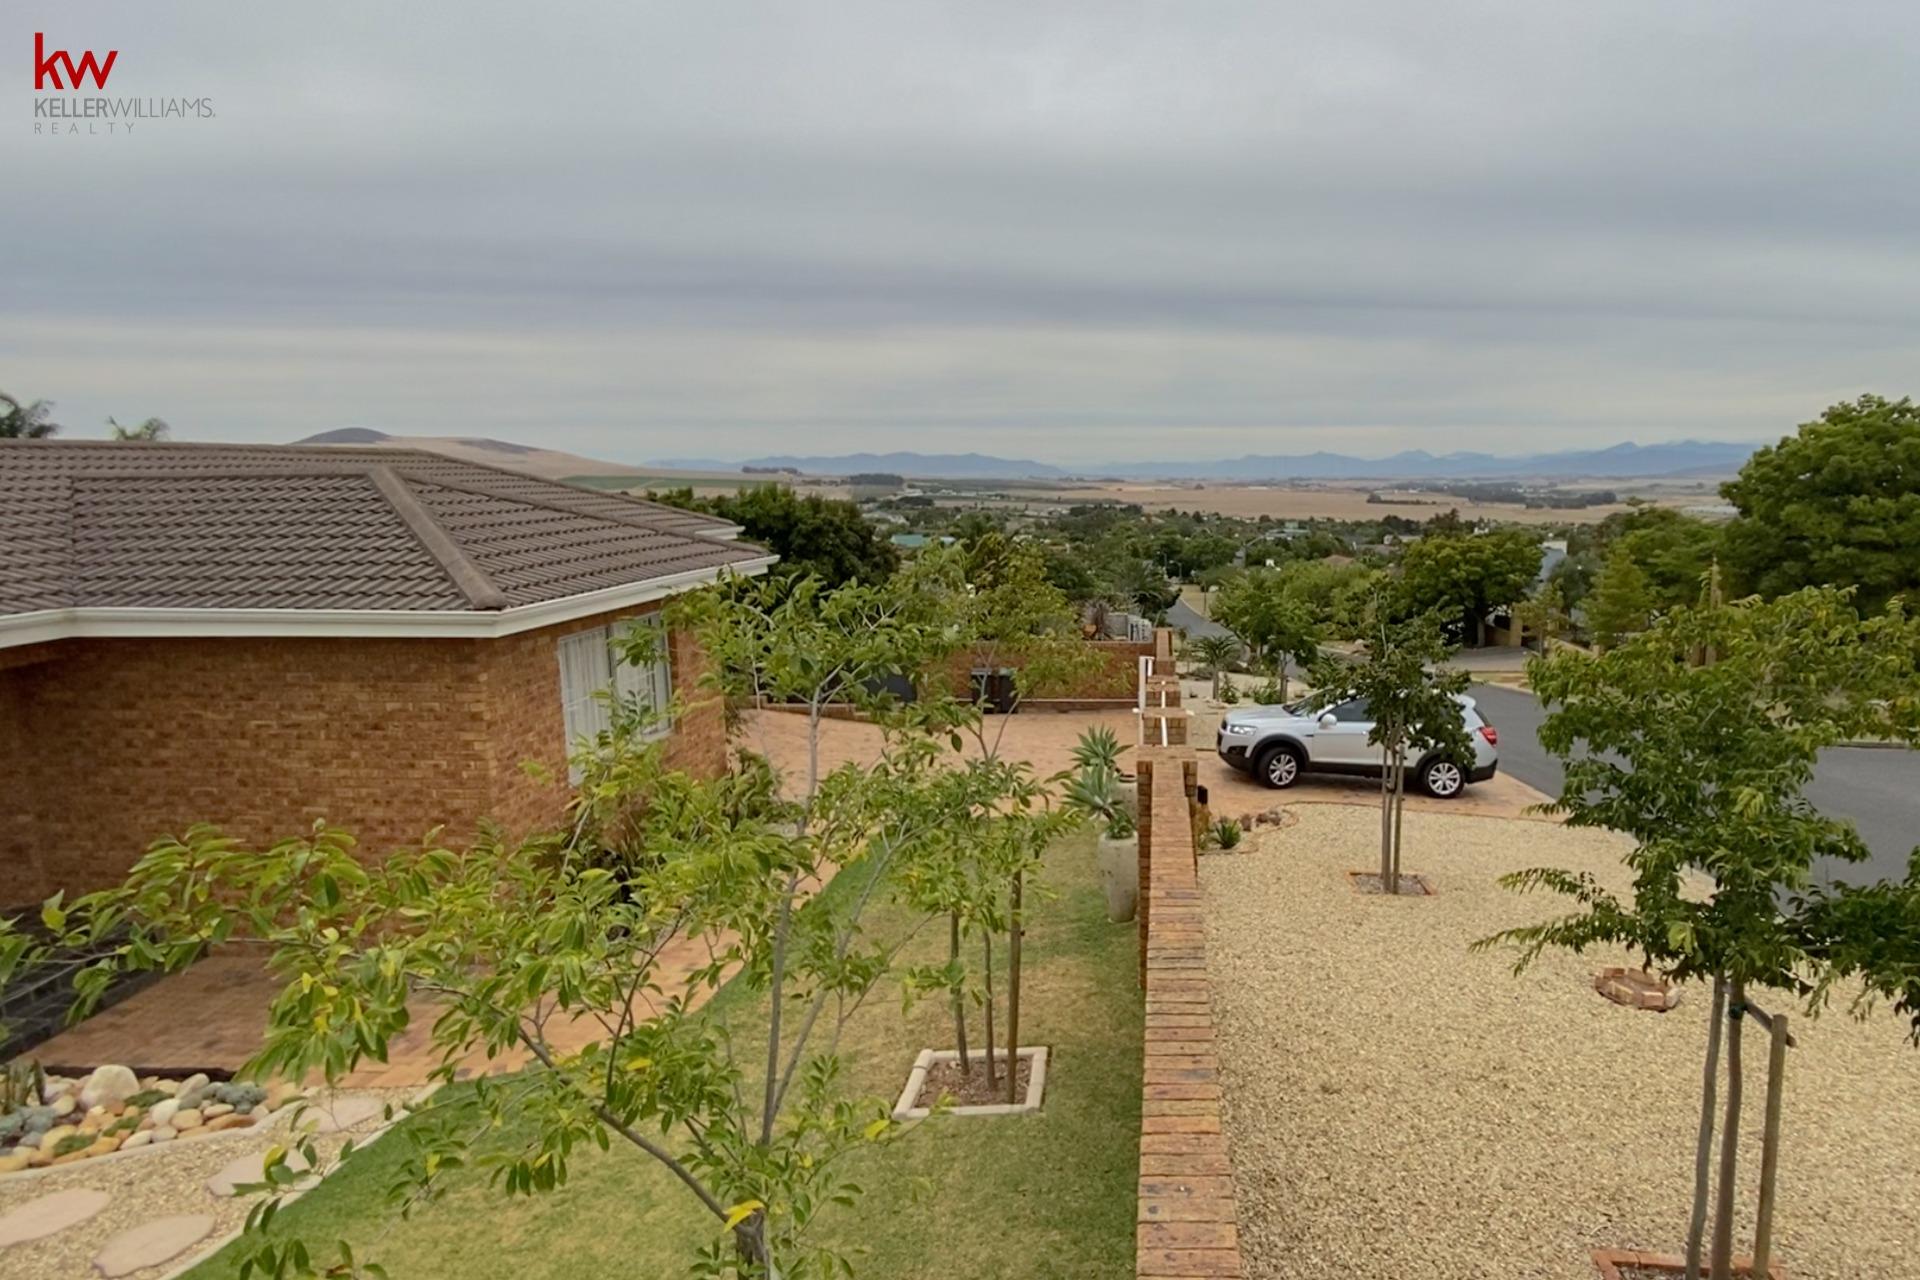 Vierlanden Durbanville-11.jpeg